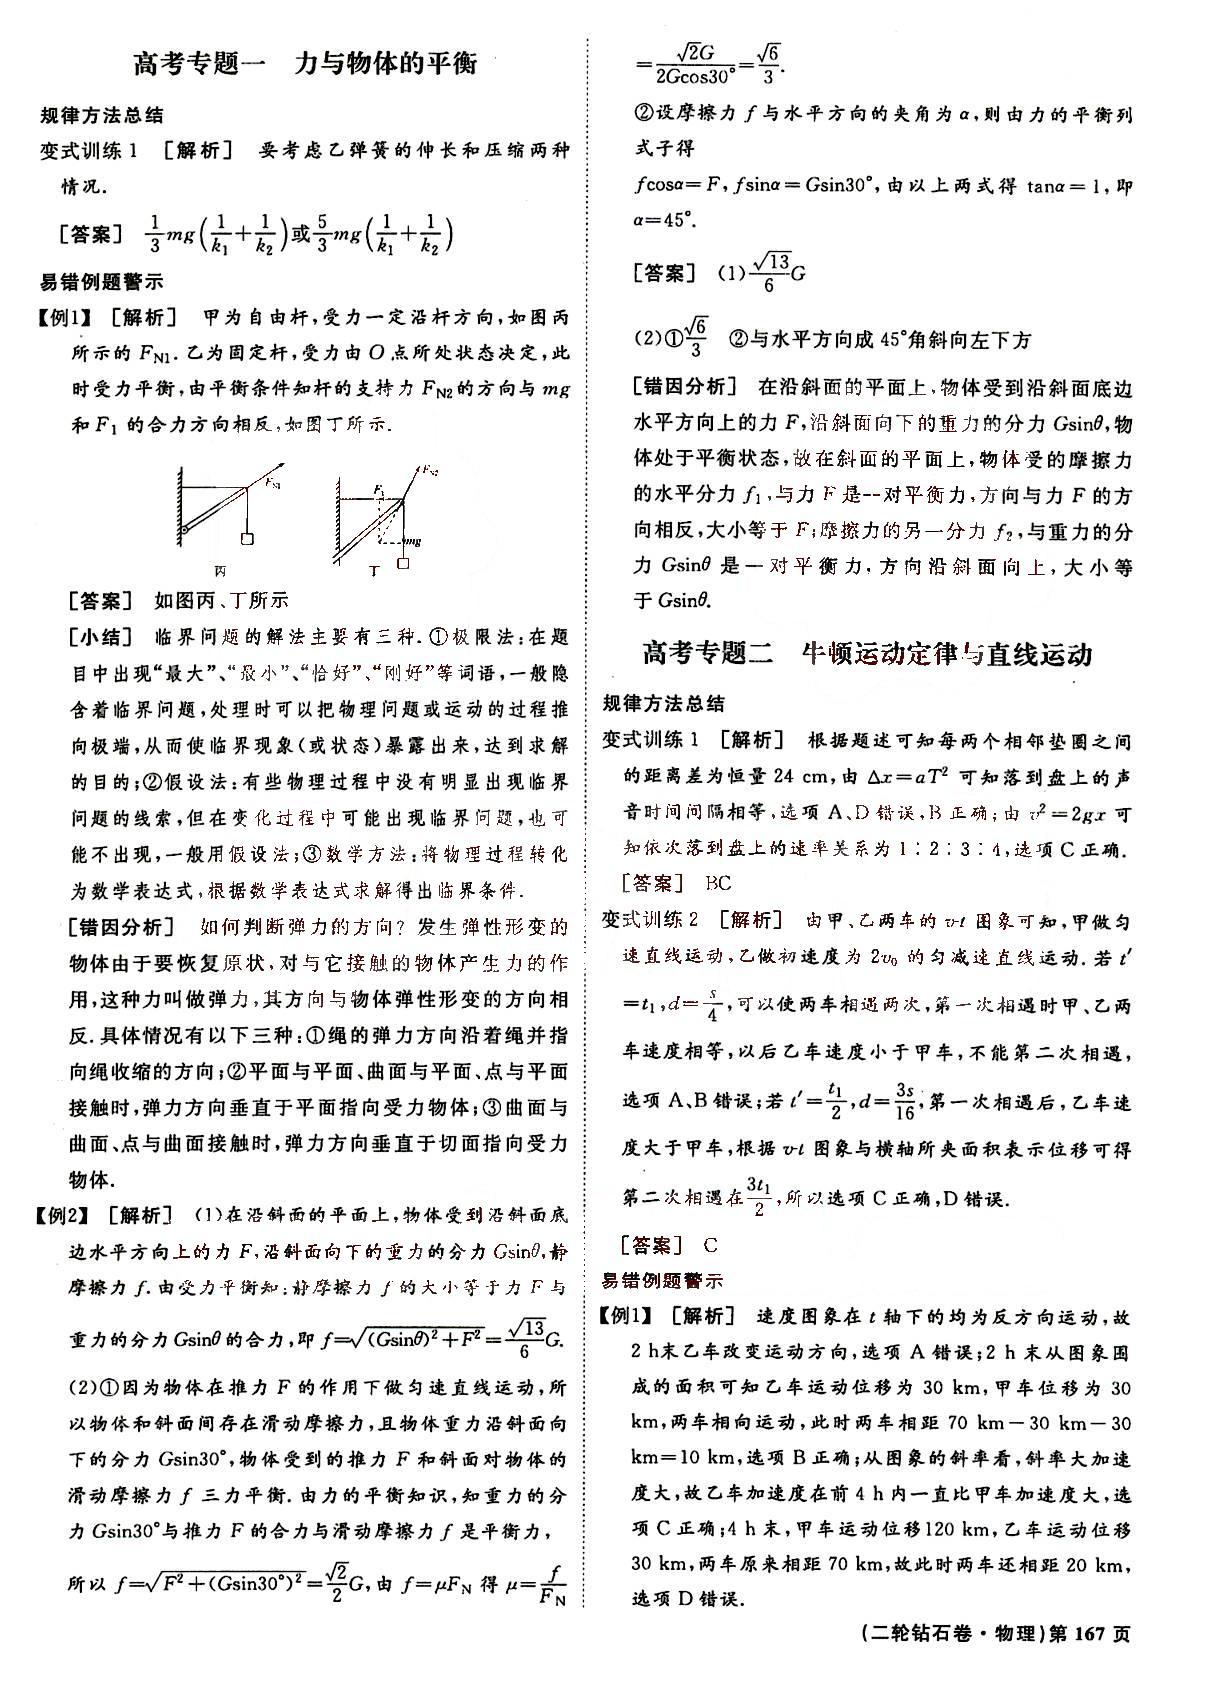 潍坊四中校本教材高考热点专题专练-高考专题层层练-物理0第1部分 [1]